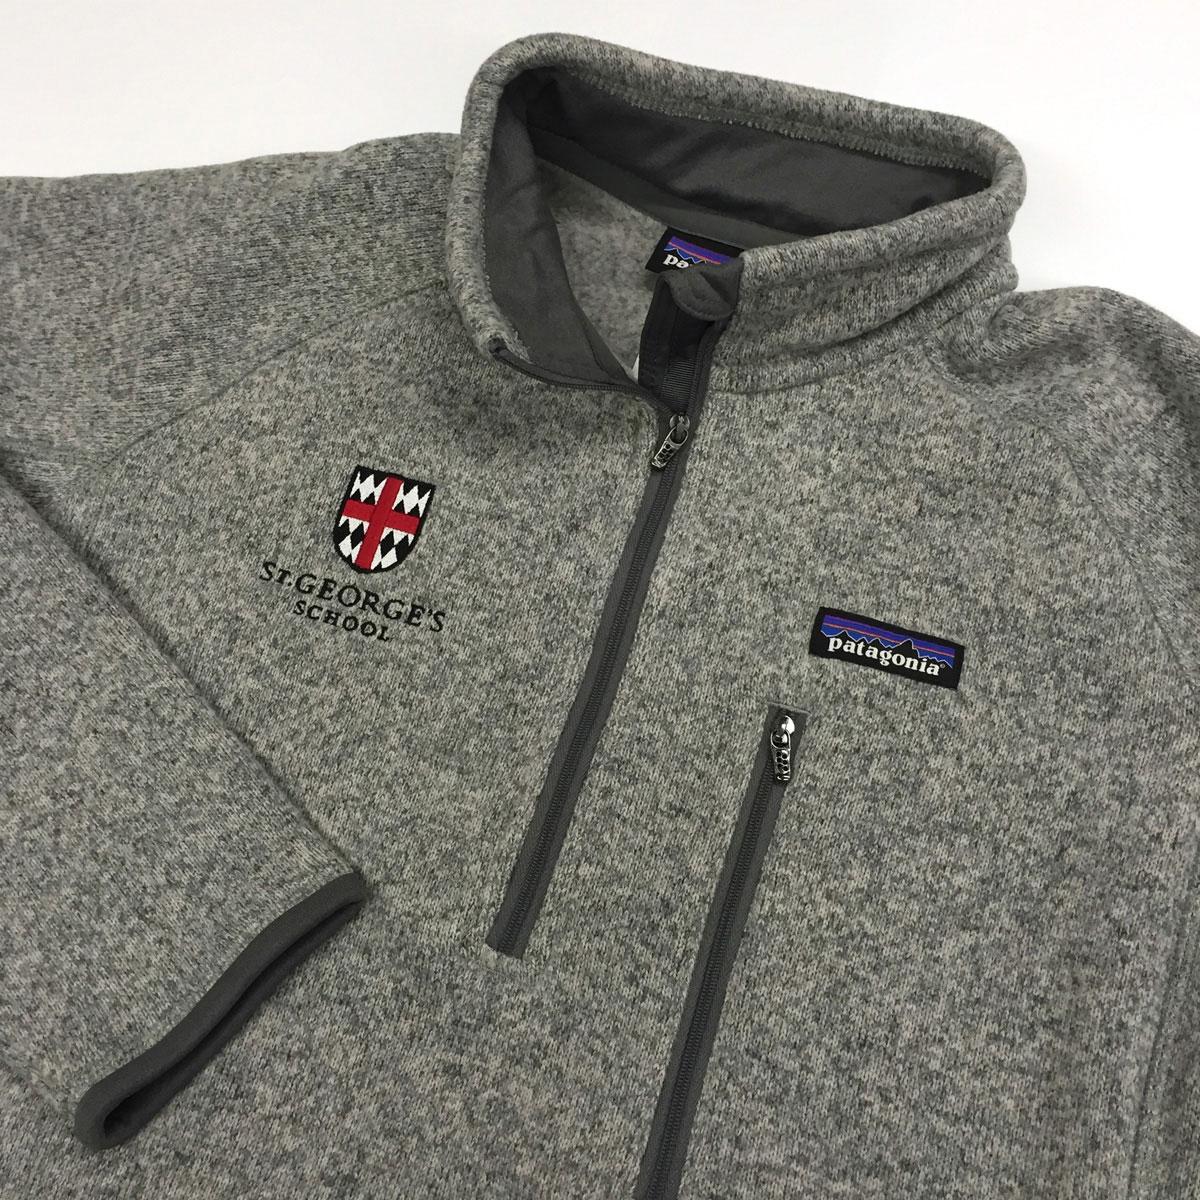 570e50767b39c Patagonia Better Sweater 1 4-Zip Fleece Pullover - Men s